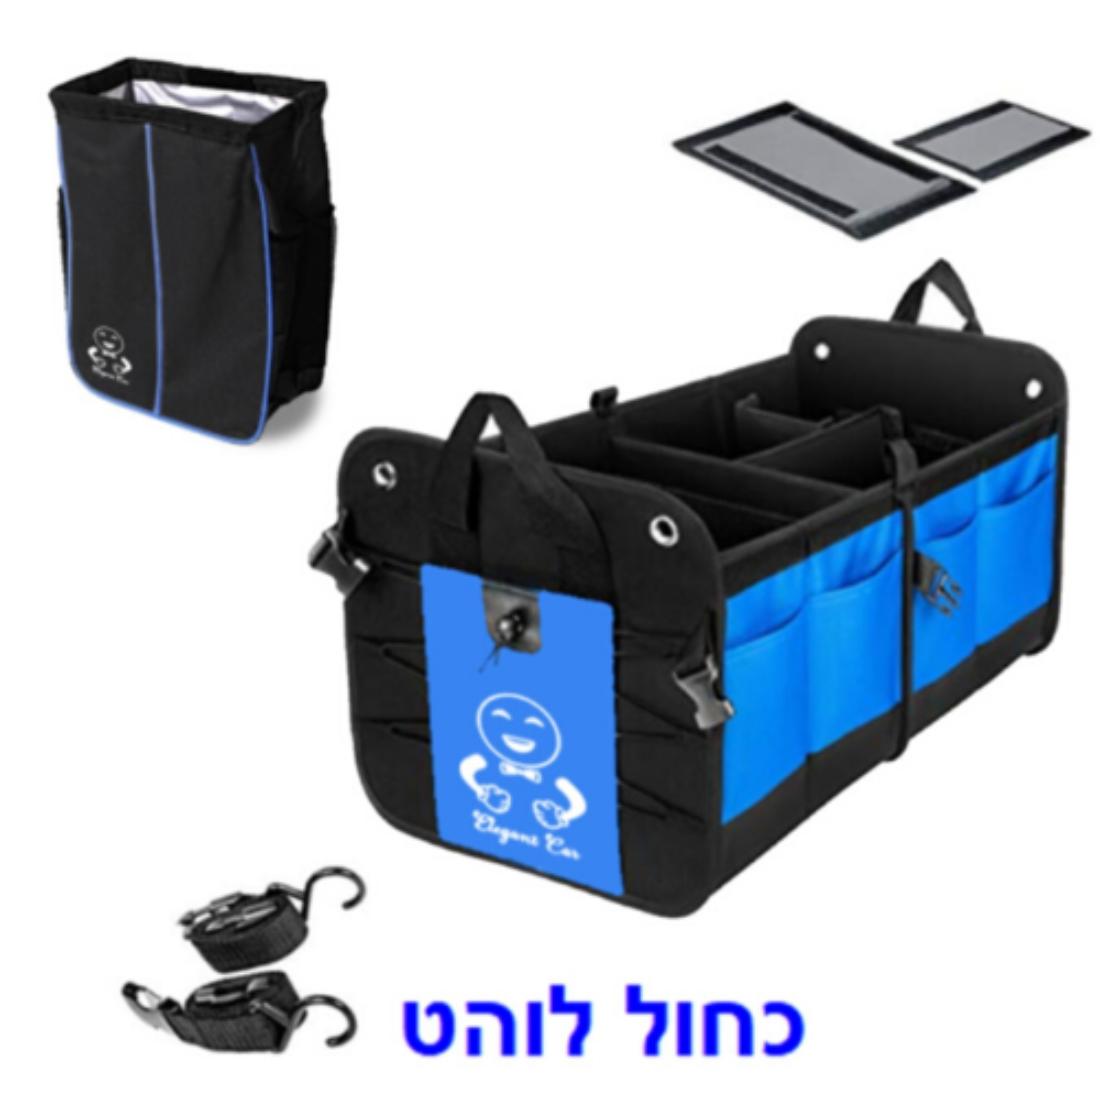 ארגונית הBIG BOX לרכב+מתקן לשמירה על טמפרטורת המזון, , משלוח עד הבית,חינם!